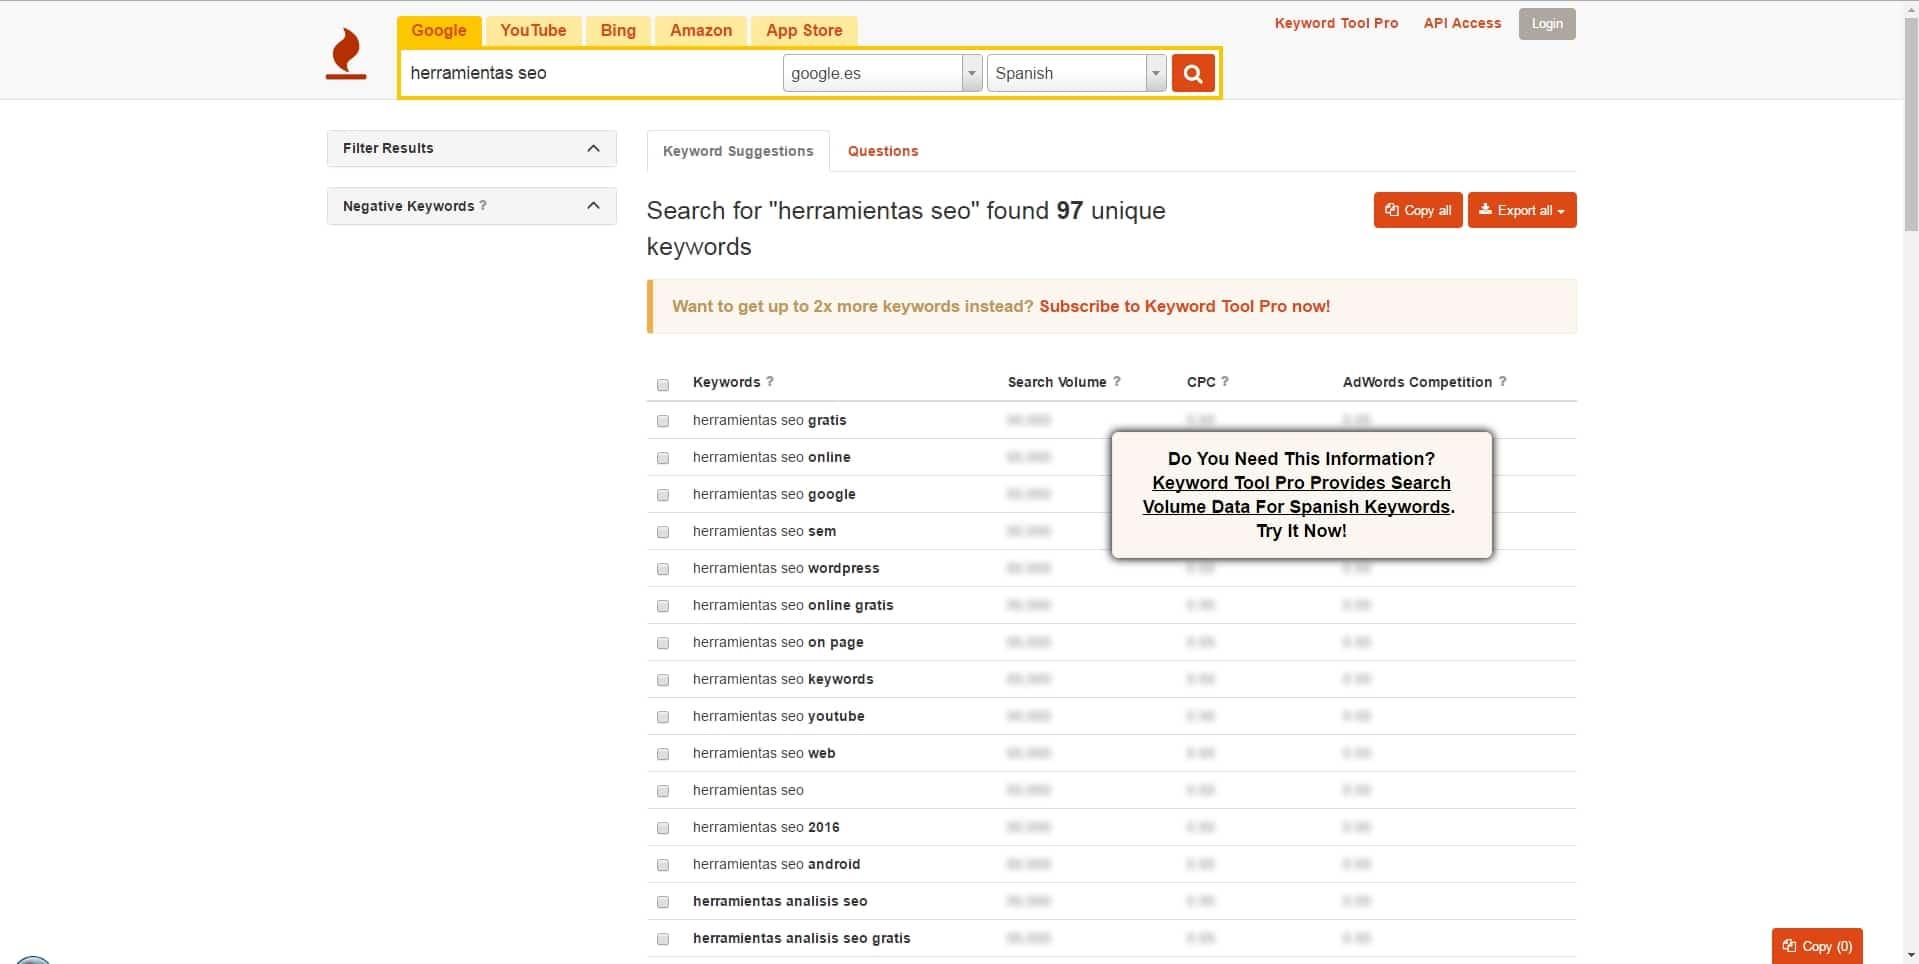 Herramientas SEO - Investigación de palabras clave   Keywordtool.io